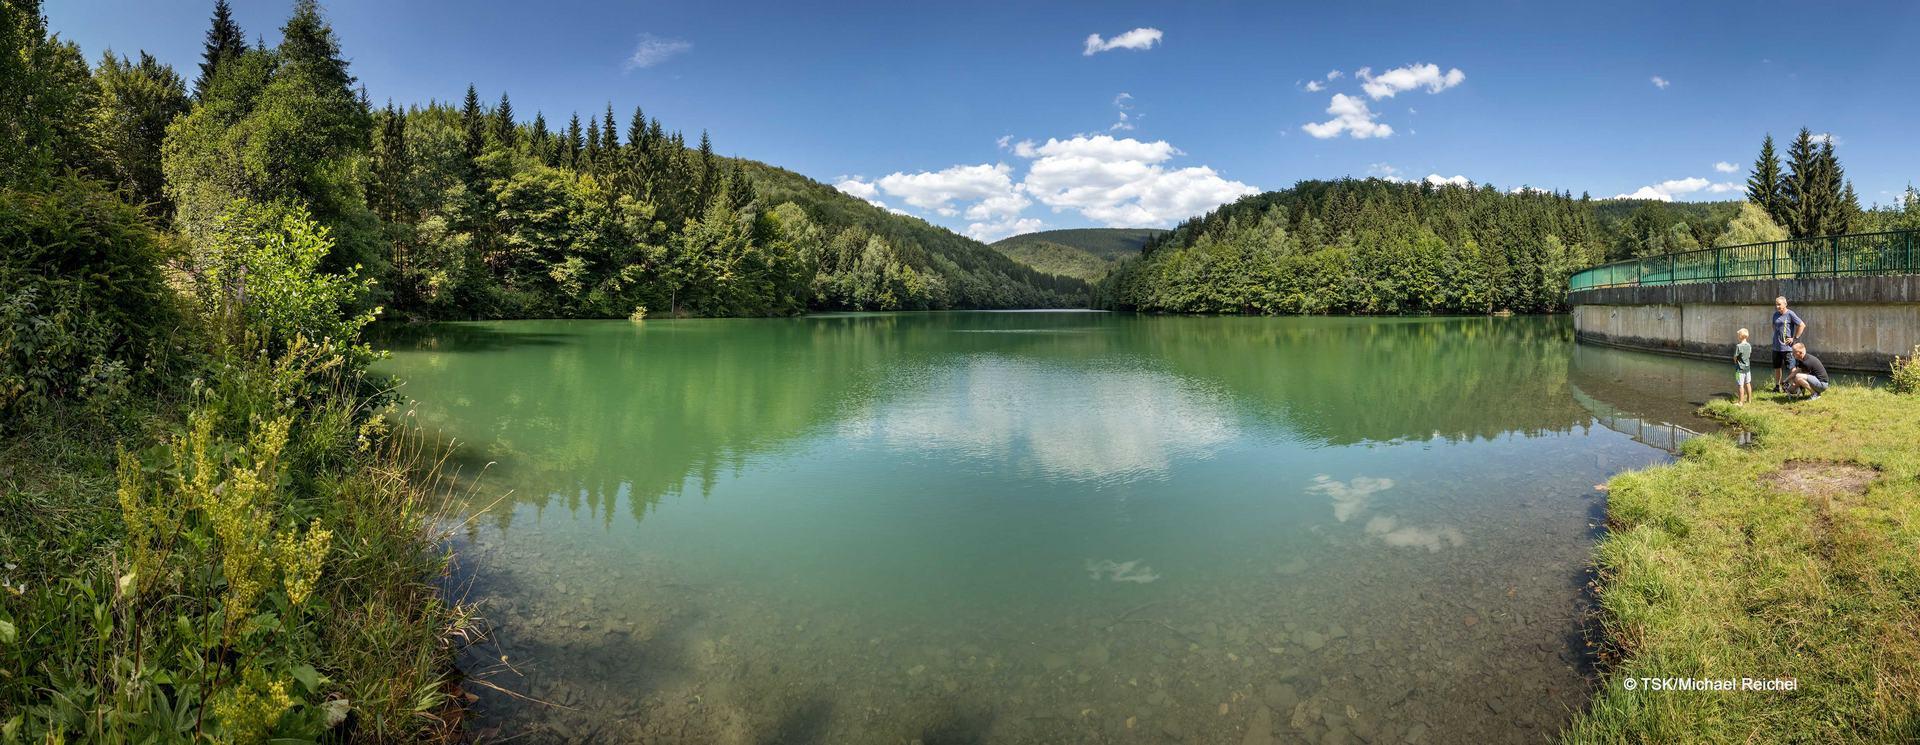 Blick auf die Talsperre Erletor in Hirschbach im Sommer